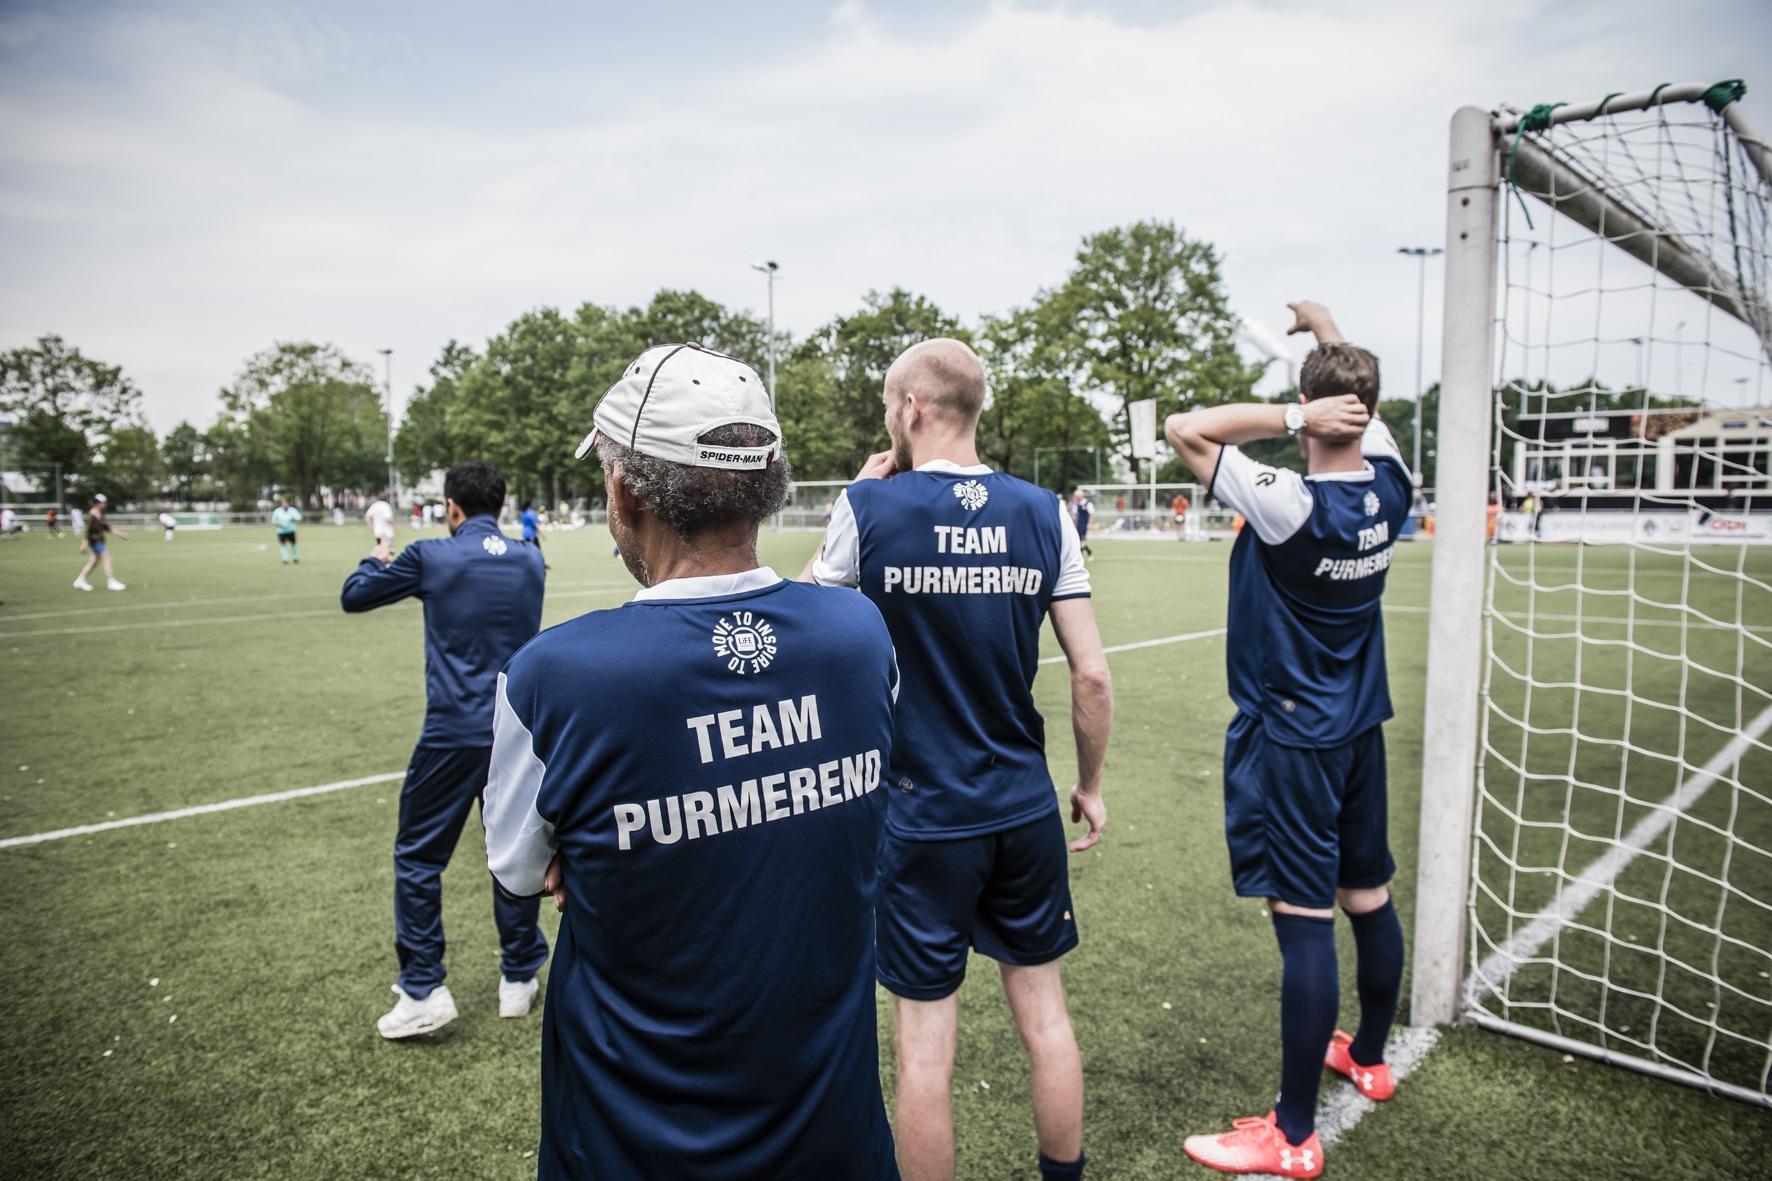 Het team van Life Goals Purmerend heeft al wel meegedaan aan enkele buitenactiviteiten. Zaterdag zijn ze actief in De Vaart. (Foto: Rennaert Ruinen/Ruinen Fotografie)